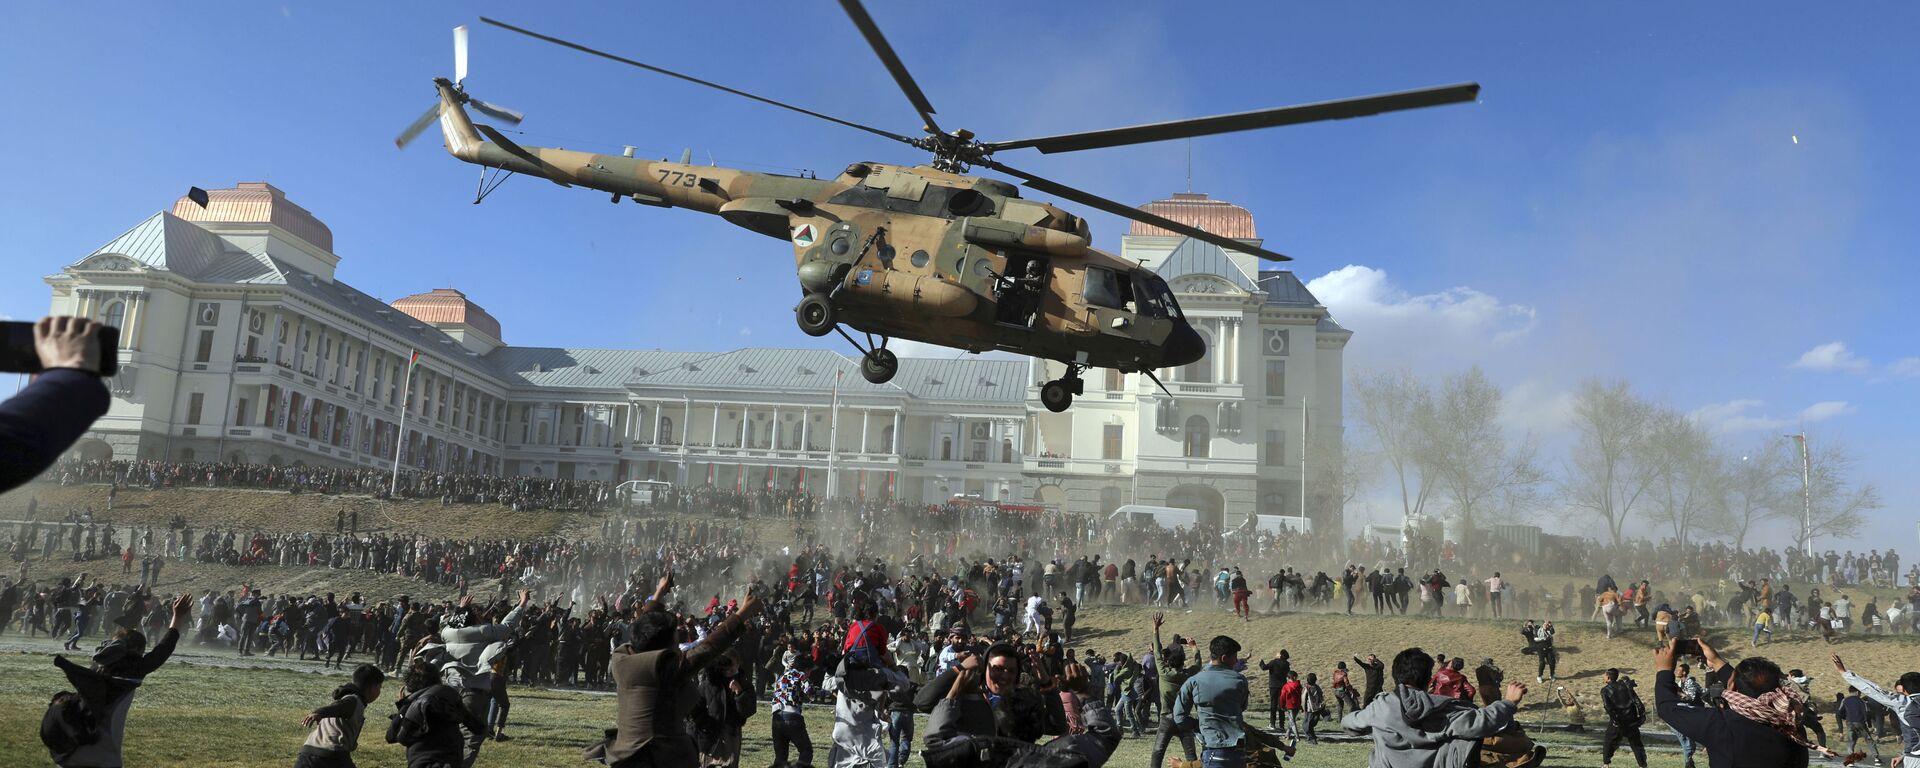 Ilustrační foto. Vojenská helikoptéra letá nad lidmi během výstavy afghánských bezpečnostních sil v paláci Darul Aman v Kábulu, Afghánistán  - Sputnik Česká republika, 1920, 18.08.2021